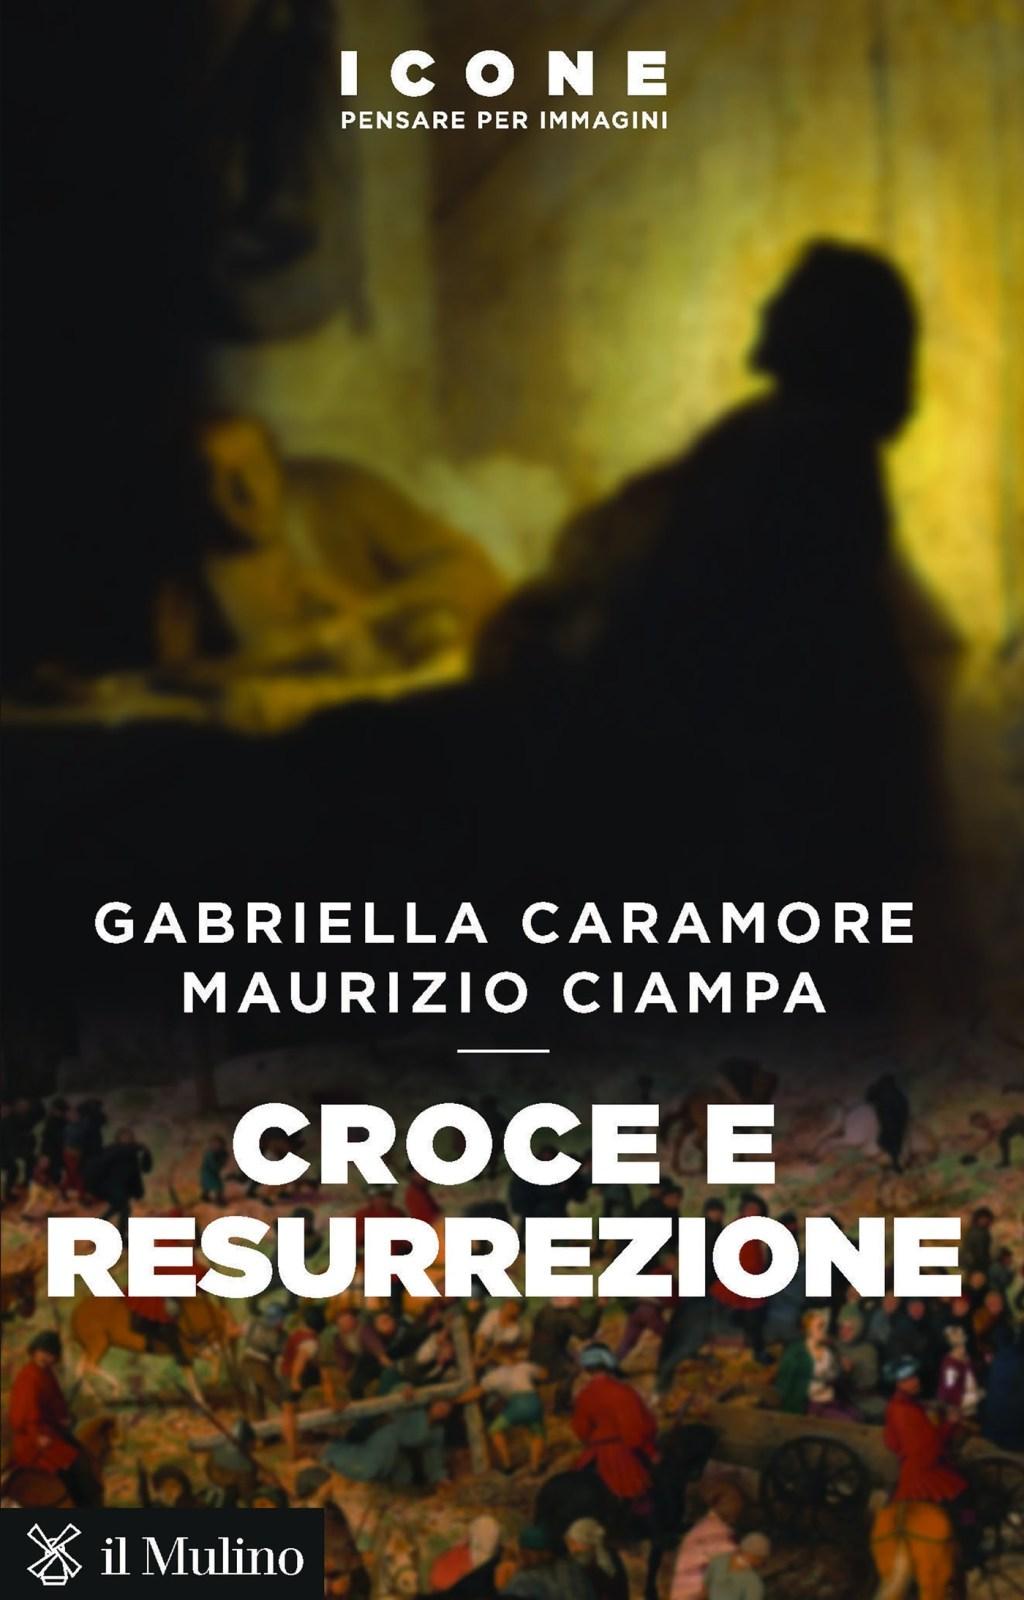 Gabriella Caramore